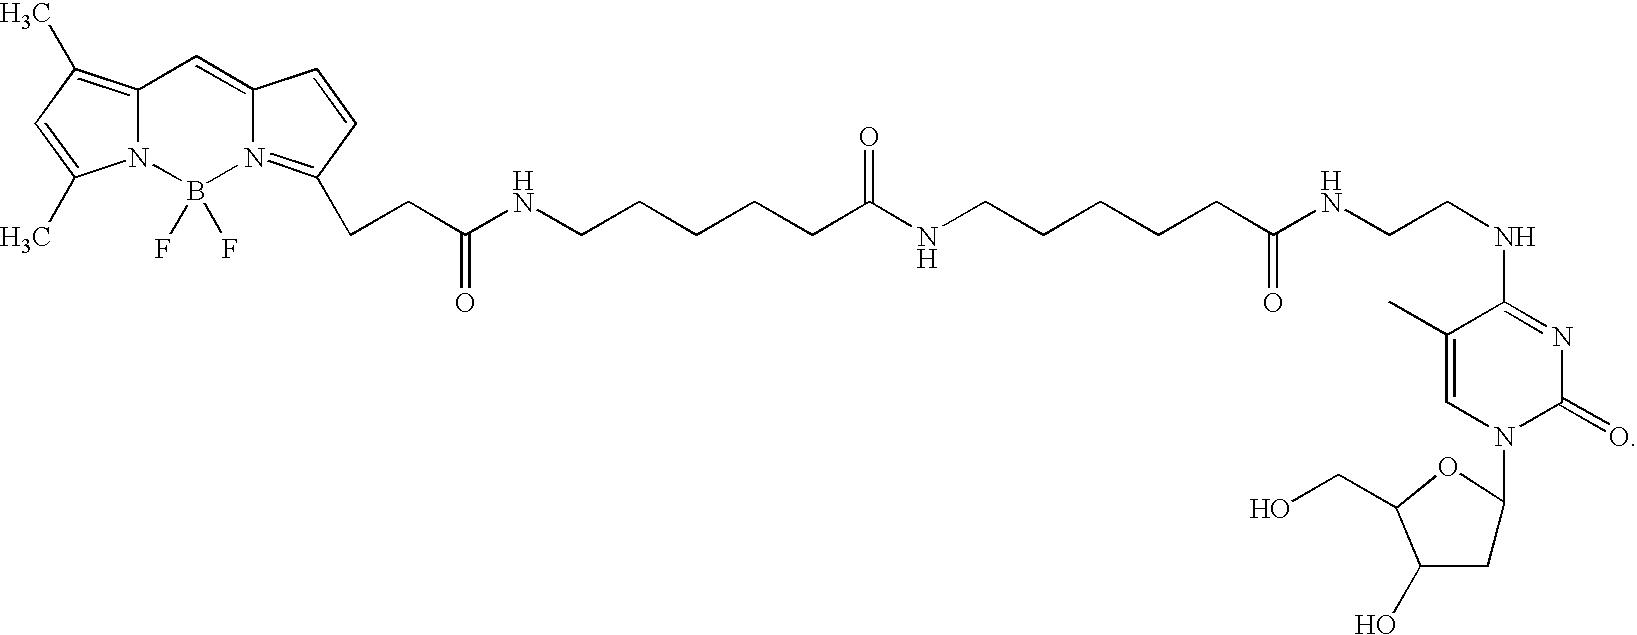 Figure US06465175-20021015-C00003